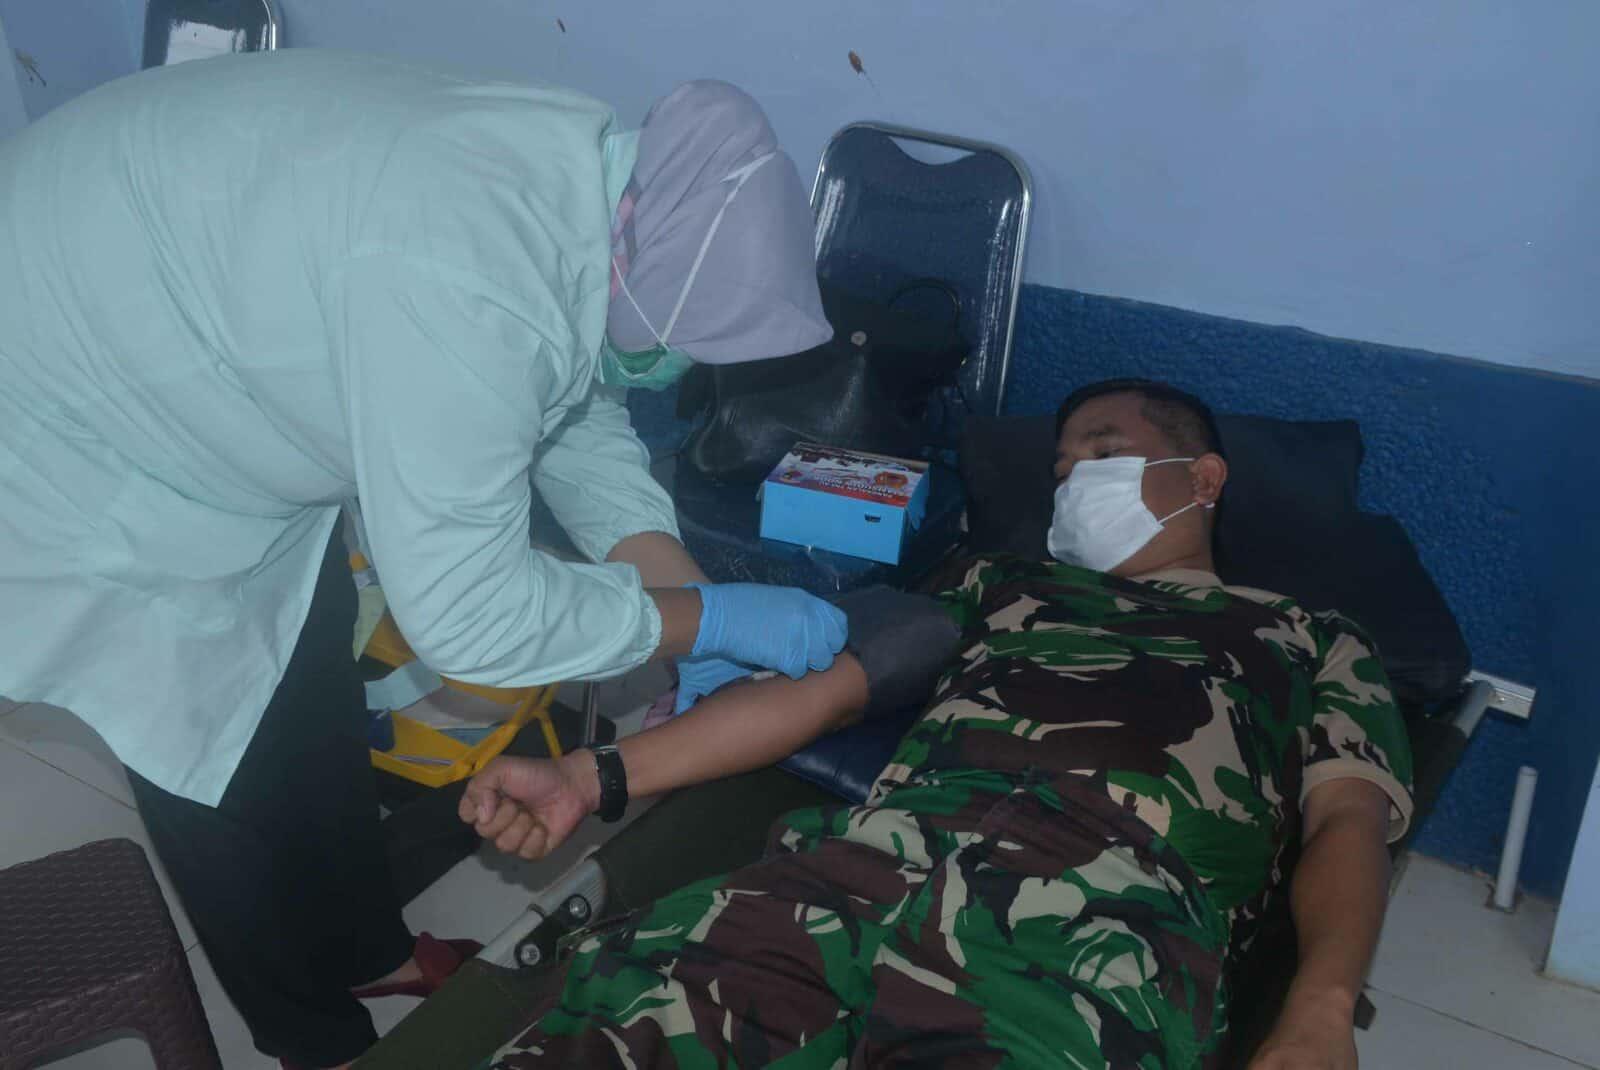 Stok Darah Kurang Akibat Pandemi Covid-19 Lanud Sjamsudin Noor Bantu PMI Banjarbaru Dengan Laksanakan Donor Darah